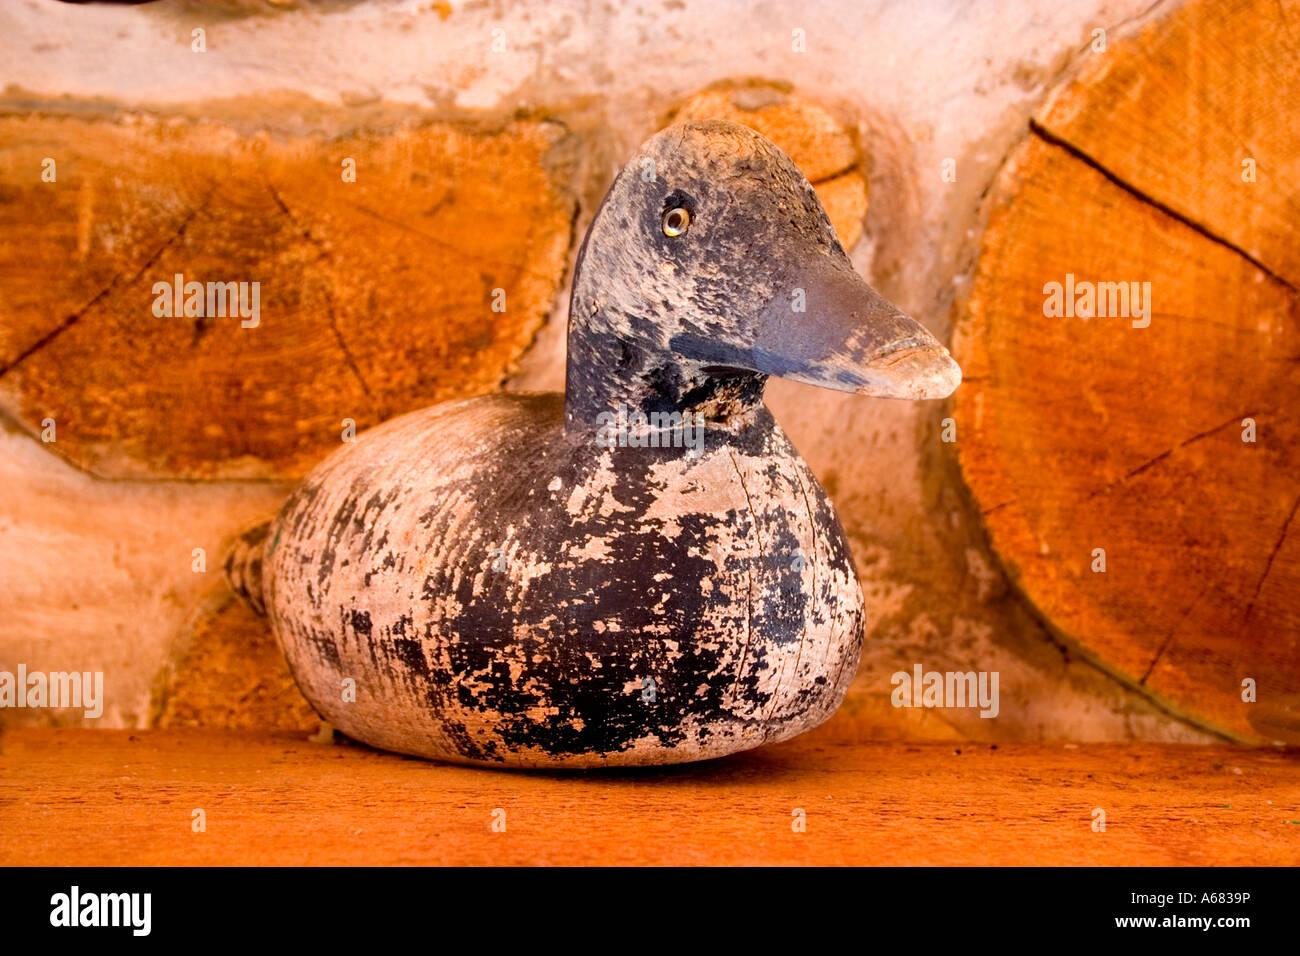 Verwitterte Geschnitzte Ente Köder Auf Kamin Kaminsimses Der Hütte Ruhe  Kommen. Kabel Wisconsin USA